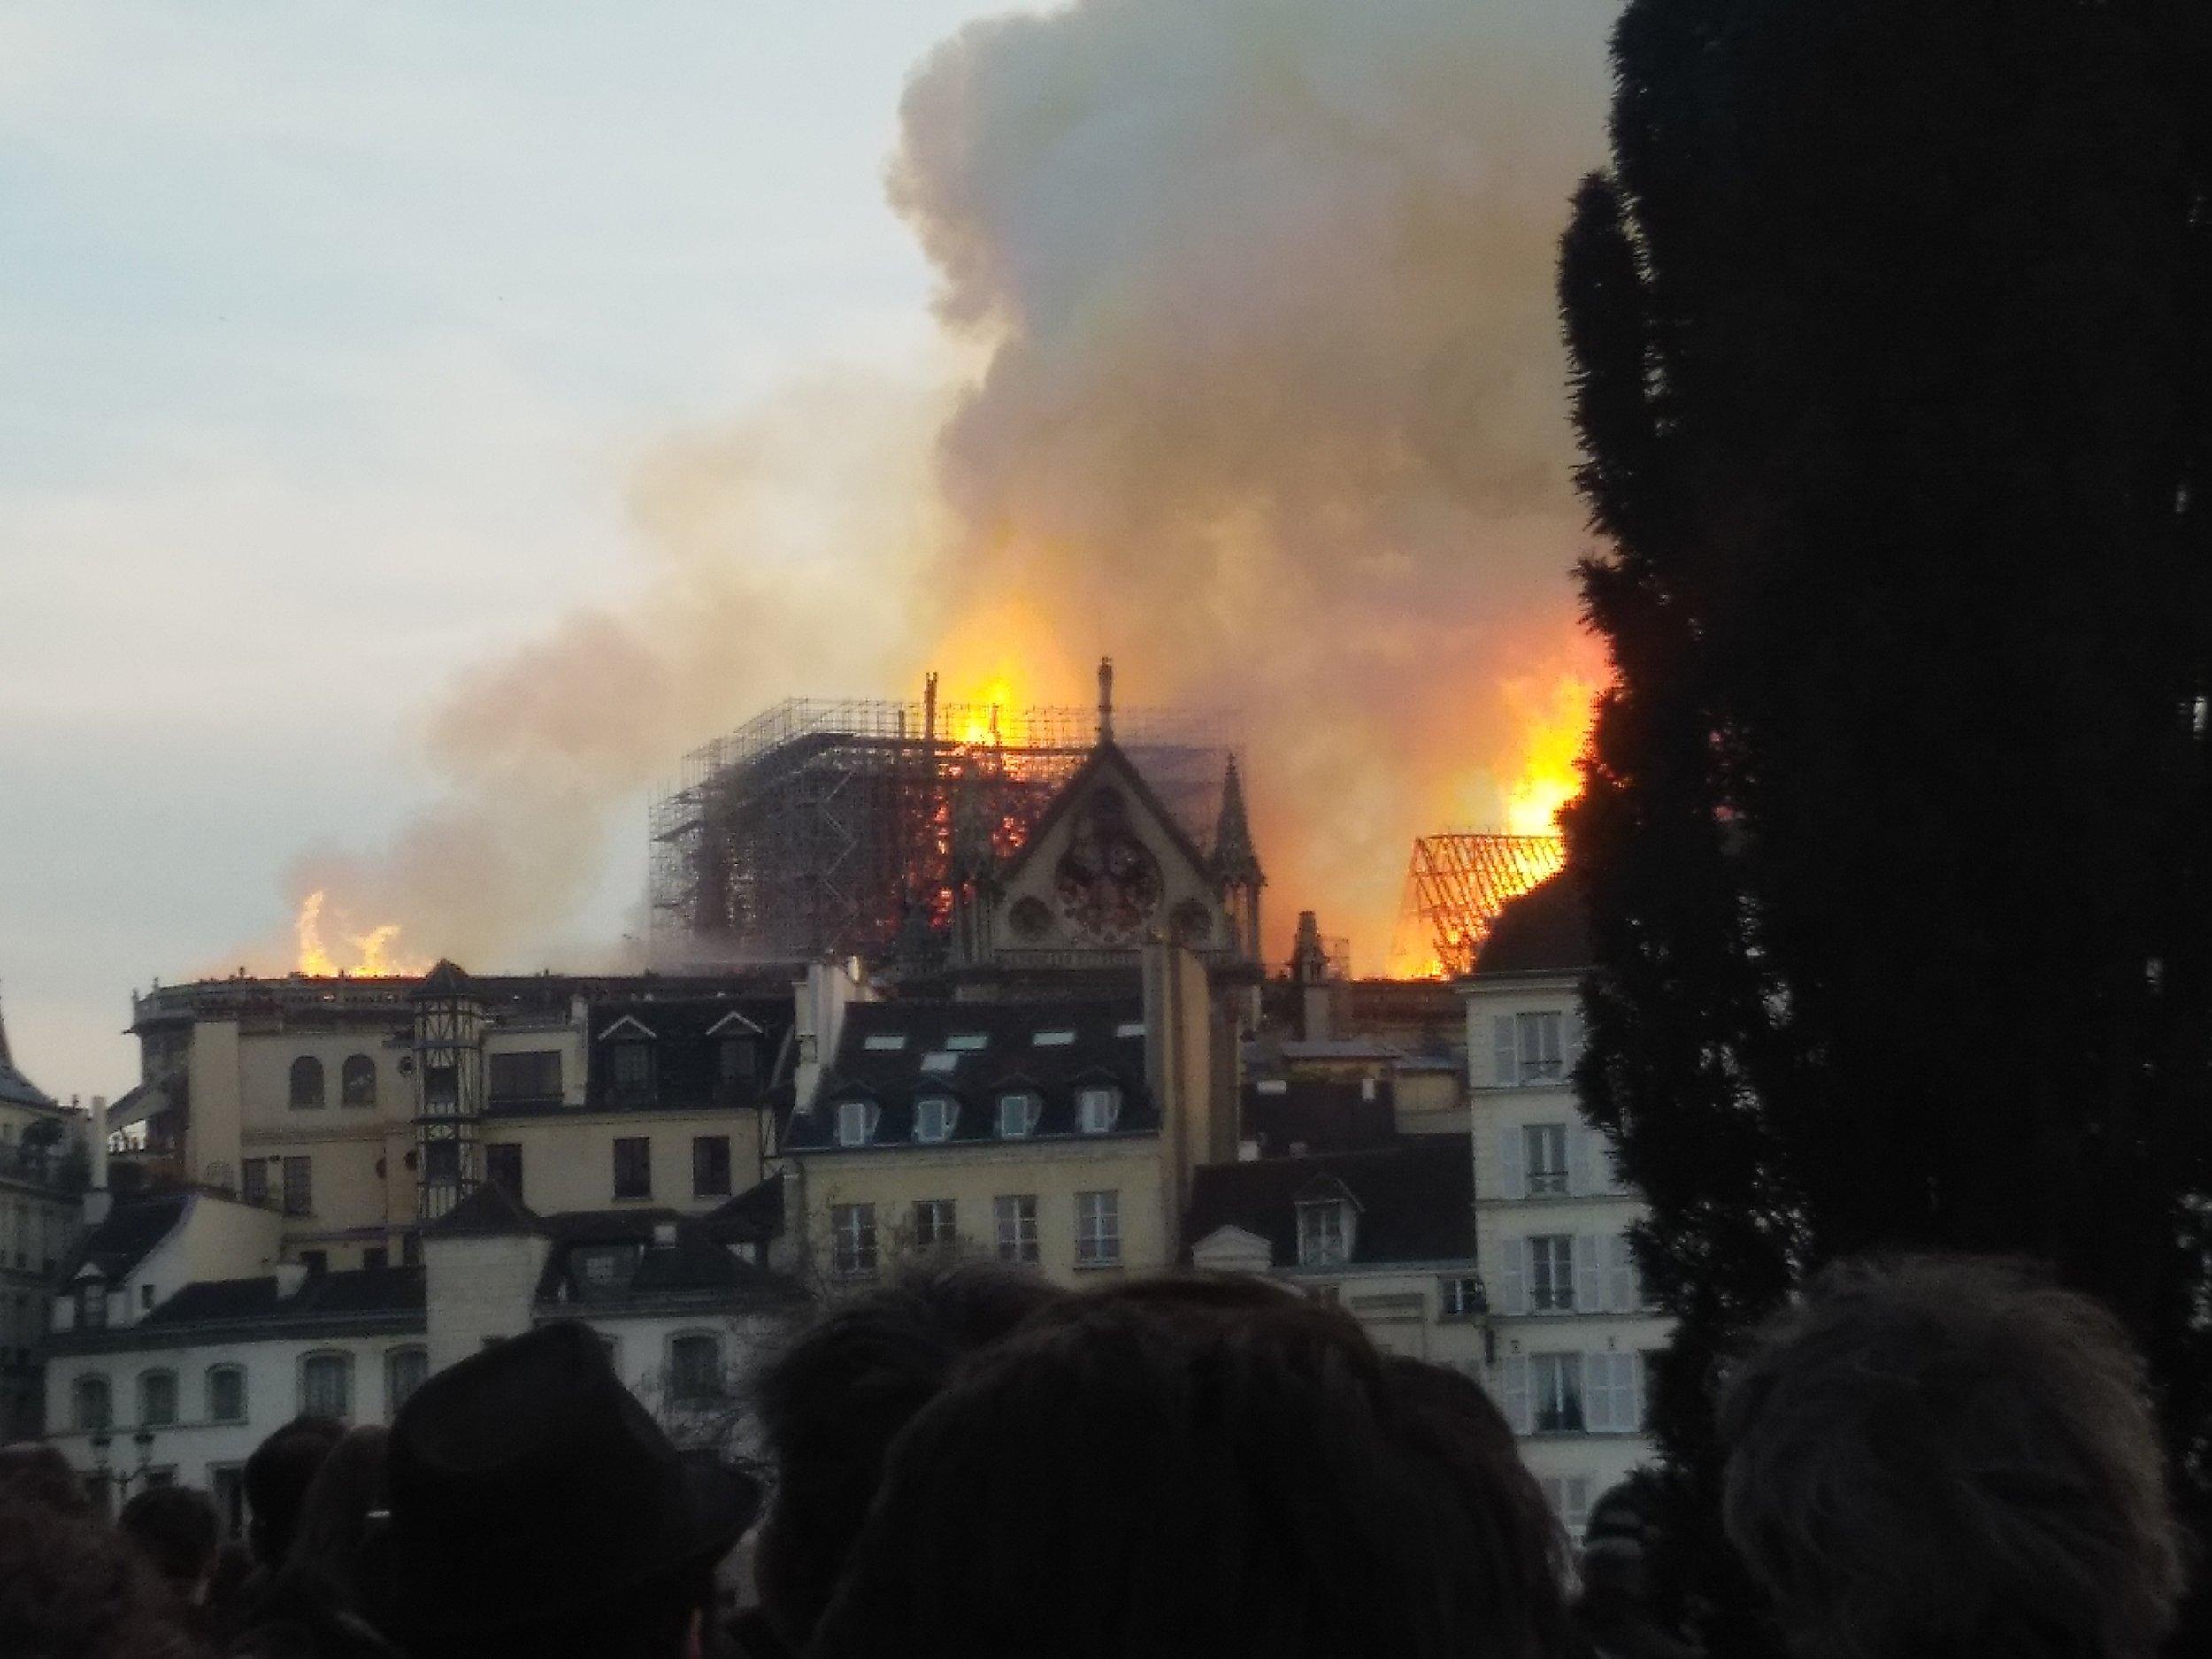 Incendie_de_Notre-Dame-de-Paris_15_avril_2019_11.jpg